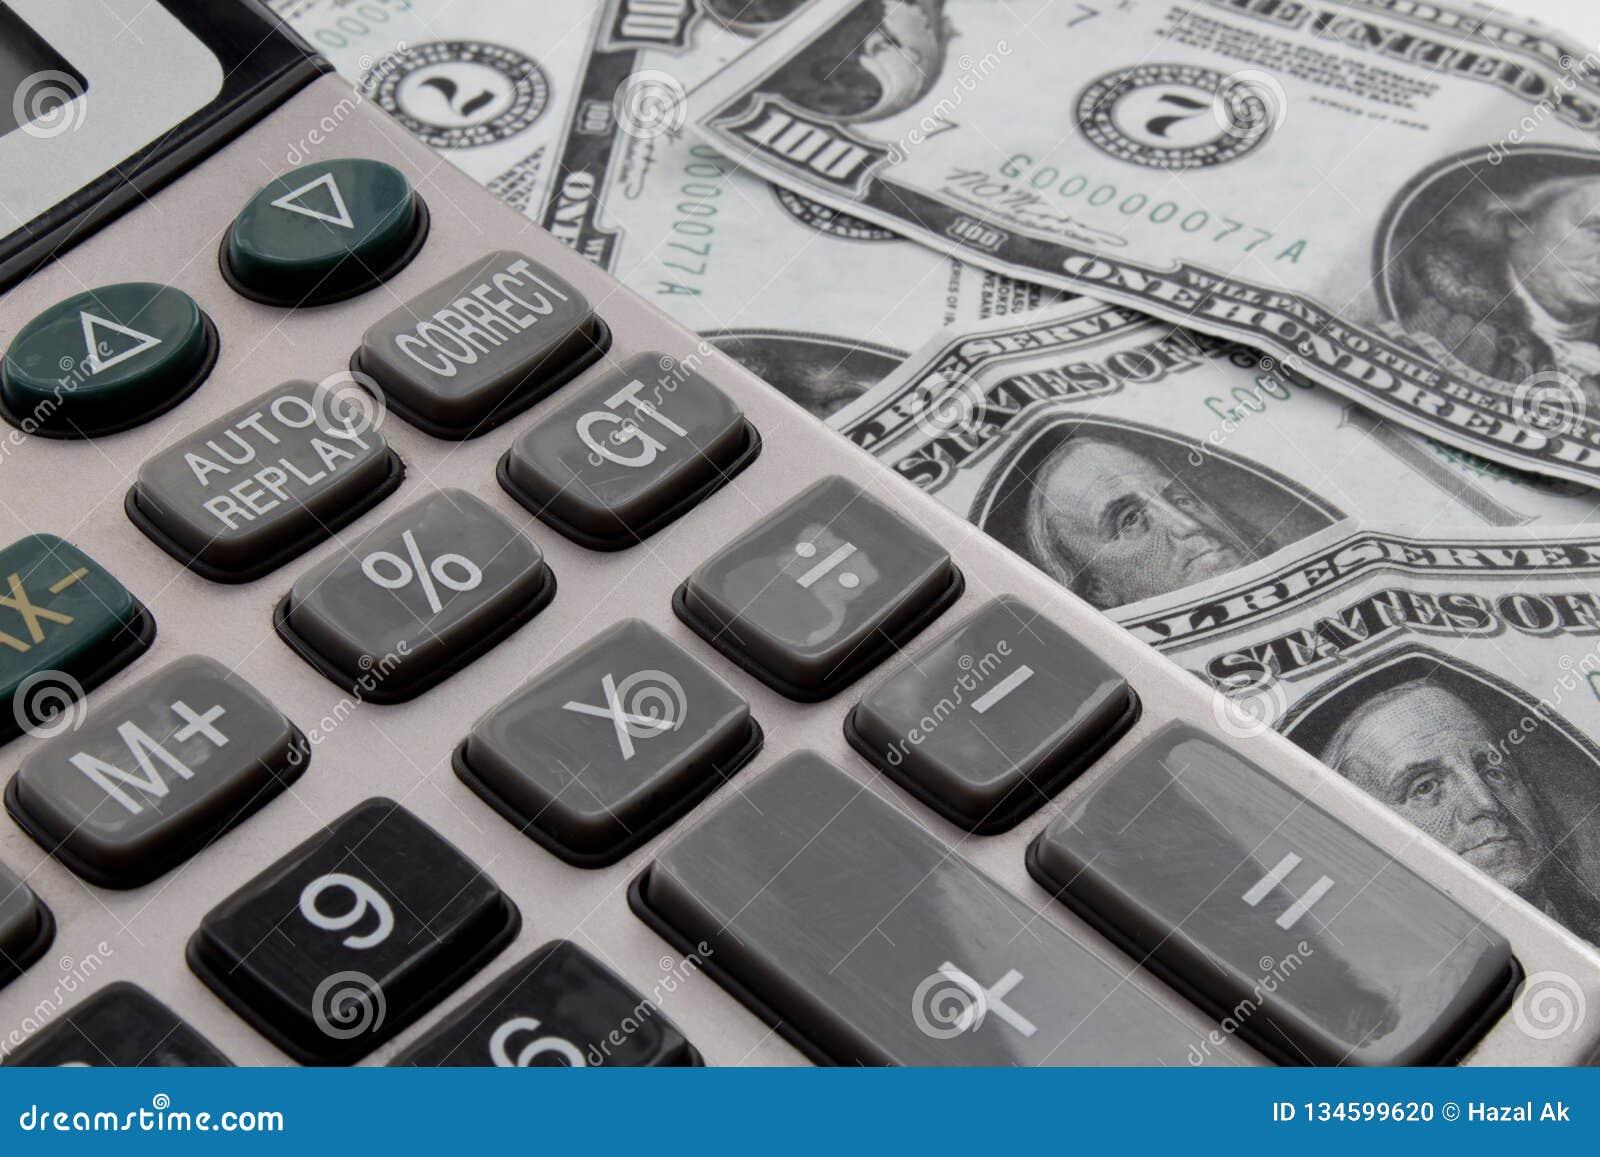 Kalkulator i dolary na biurku